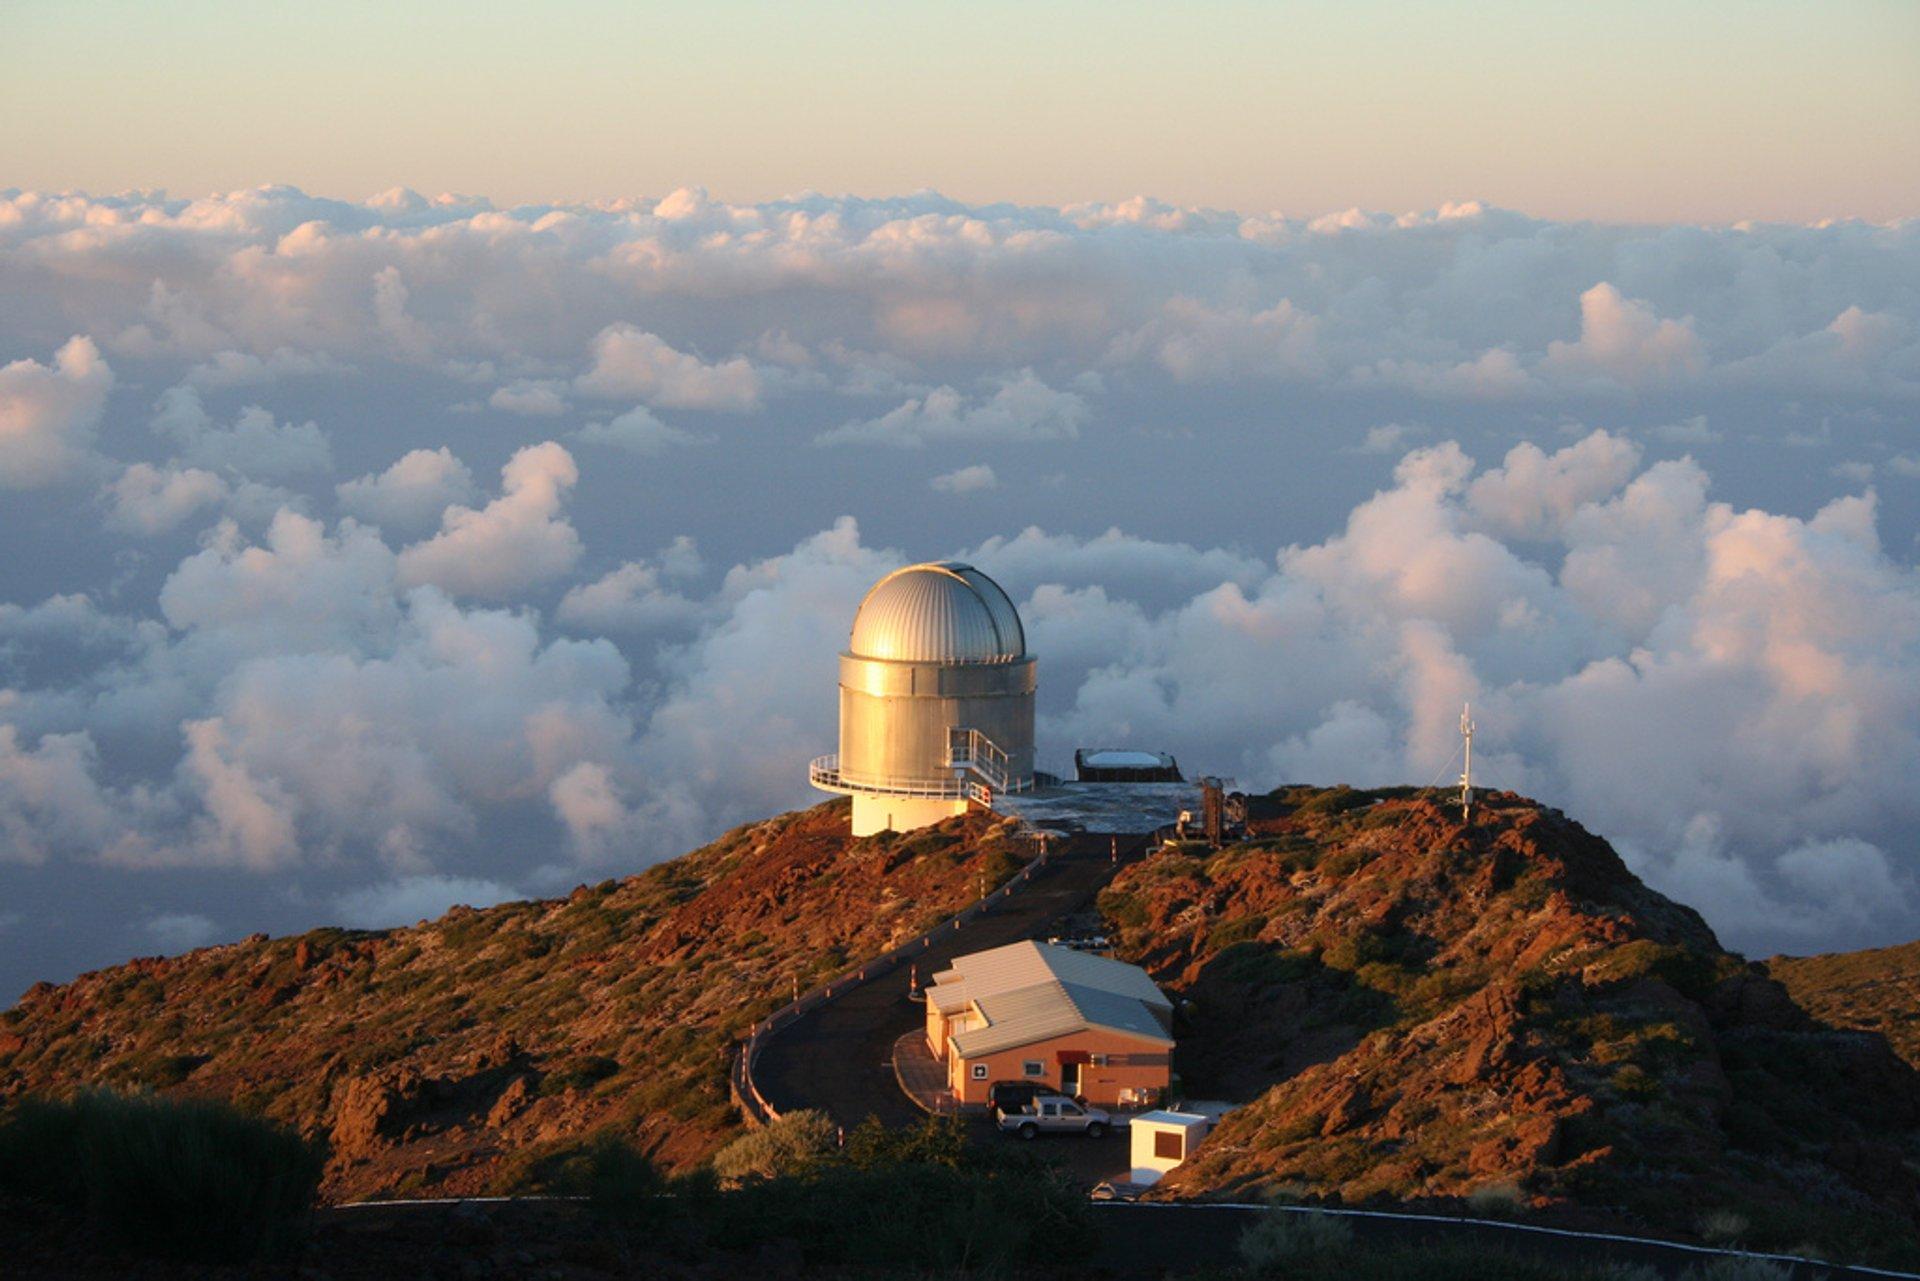 Observatorio Roque de los Muchachos, La Palma, Canary Islands. 2020